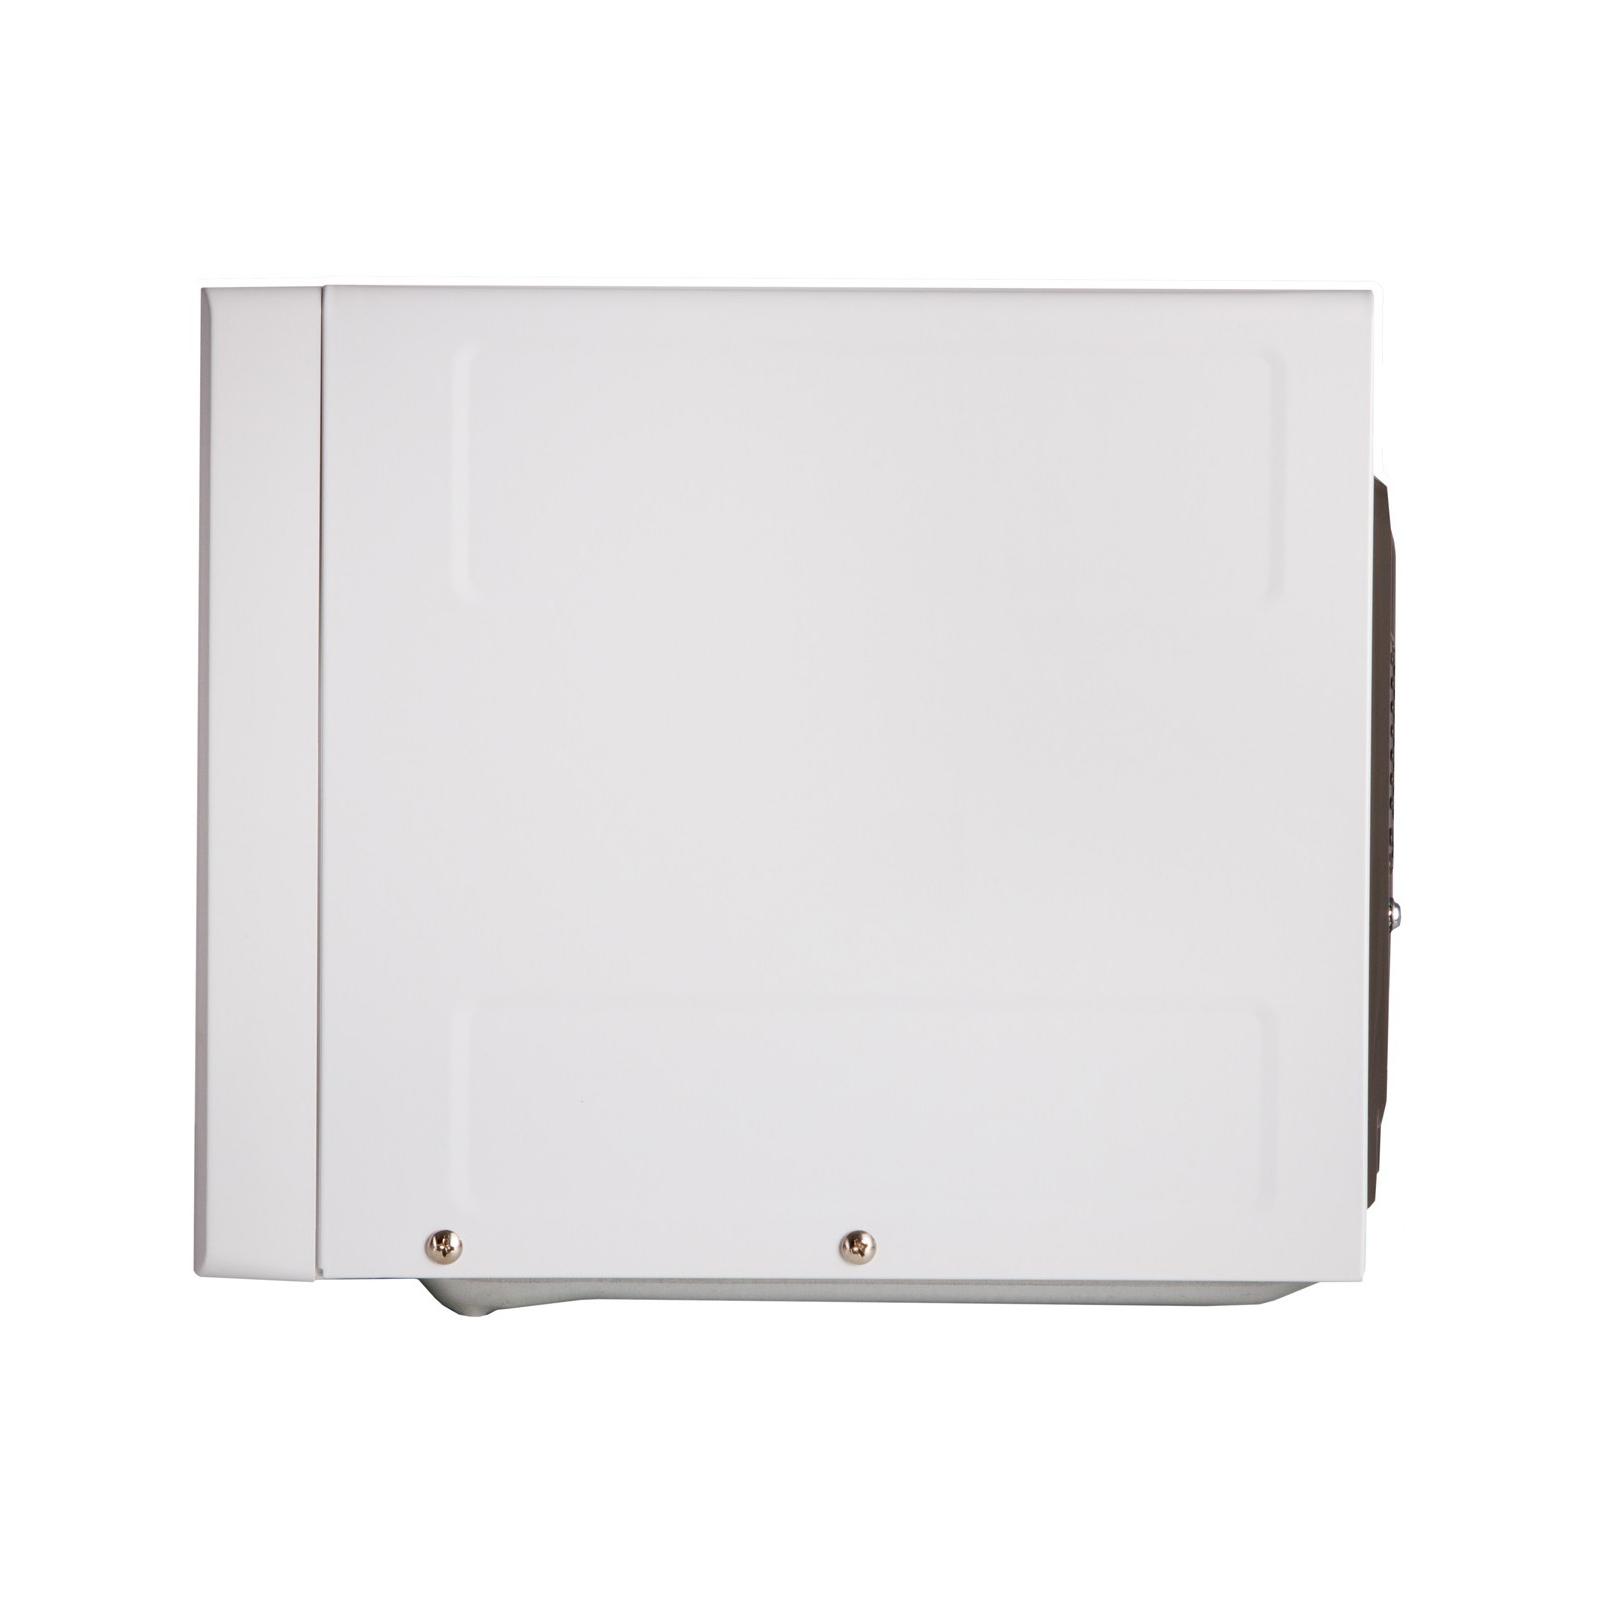 Микроволновая печь LG MS-2042DY (MS2042DY) изображение 3